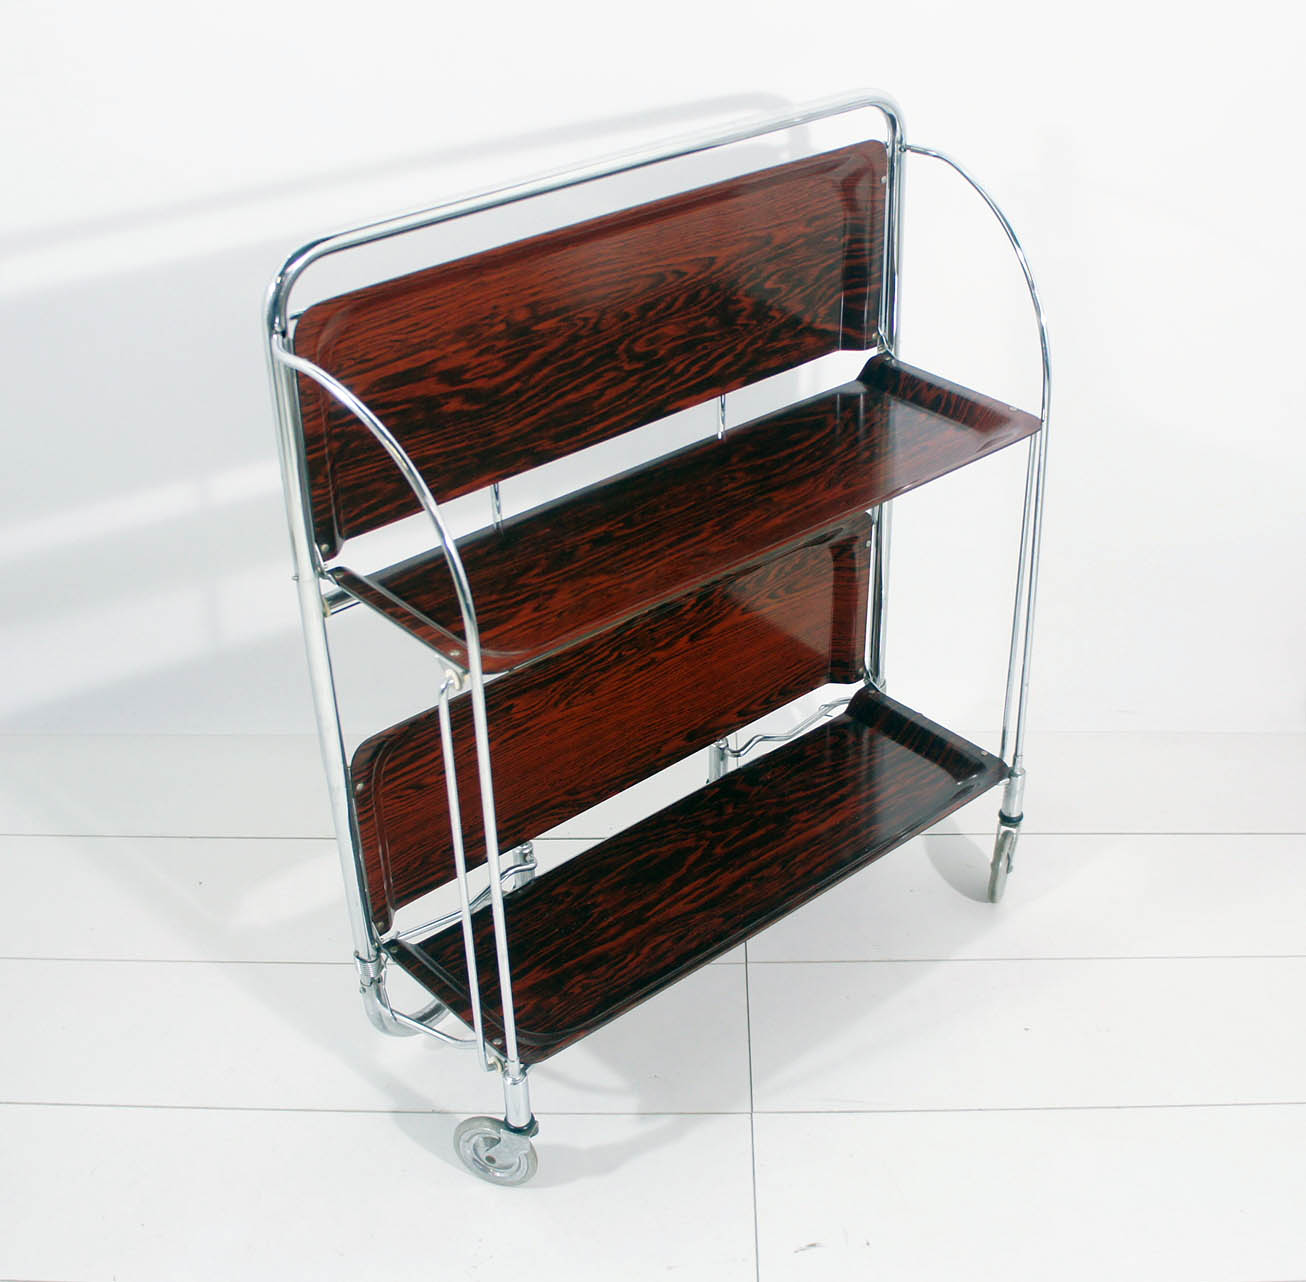 70er jahre bremshey dinett beistellwagen teewagen klappbar braun top zustand ebay. Black Bedroom Furniture Sets. Home Design Ideas